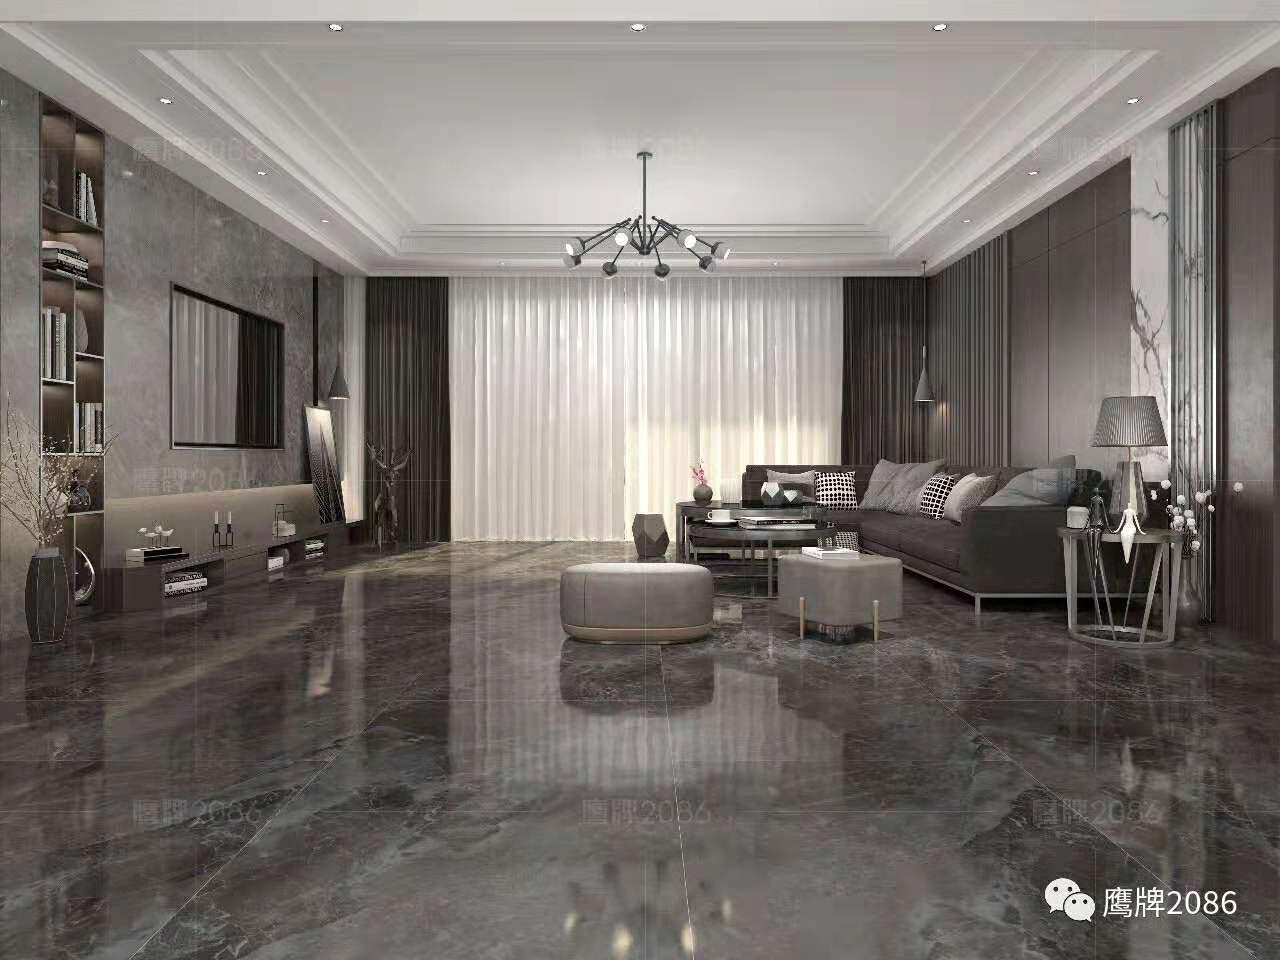 现代简约,尽显悠闲与自在 | 鹰牌2086全屋设计方案